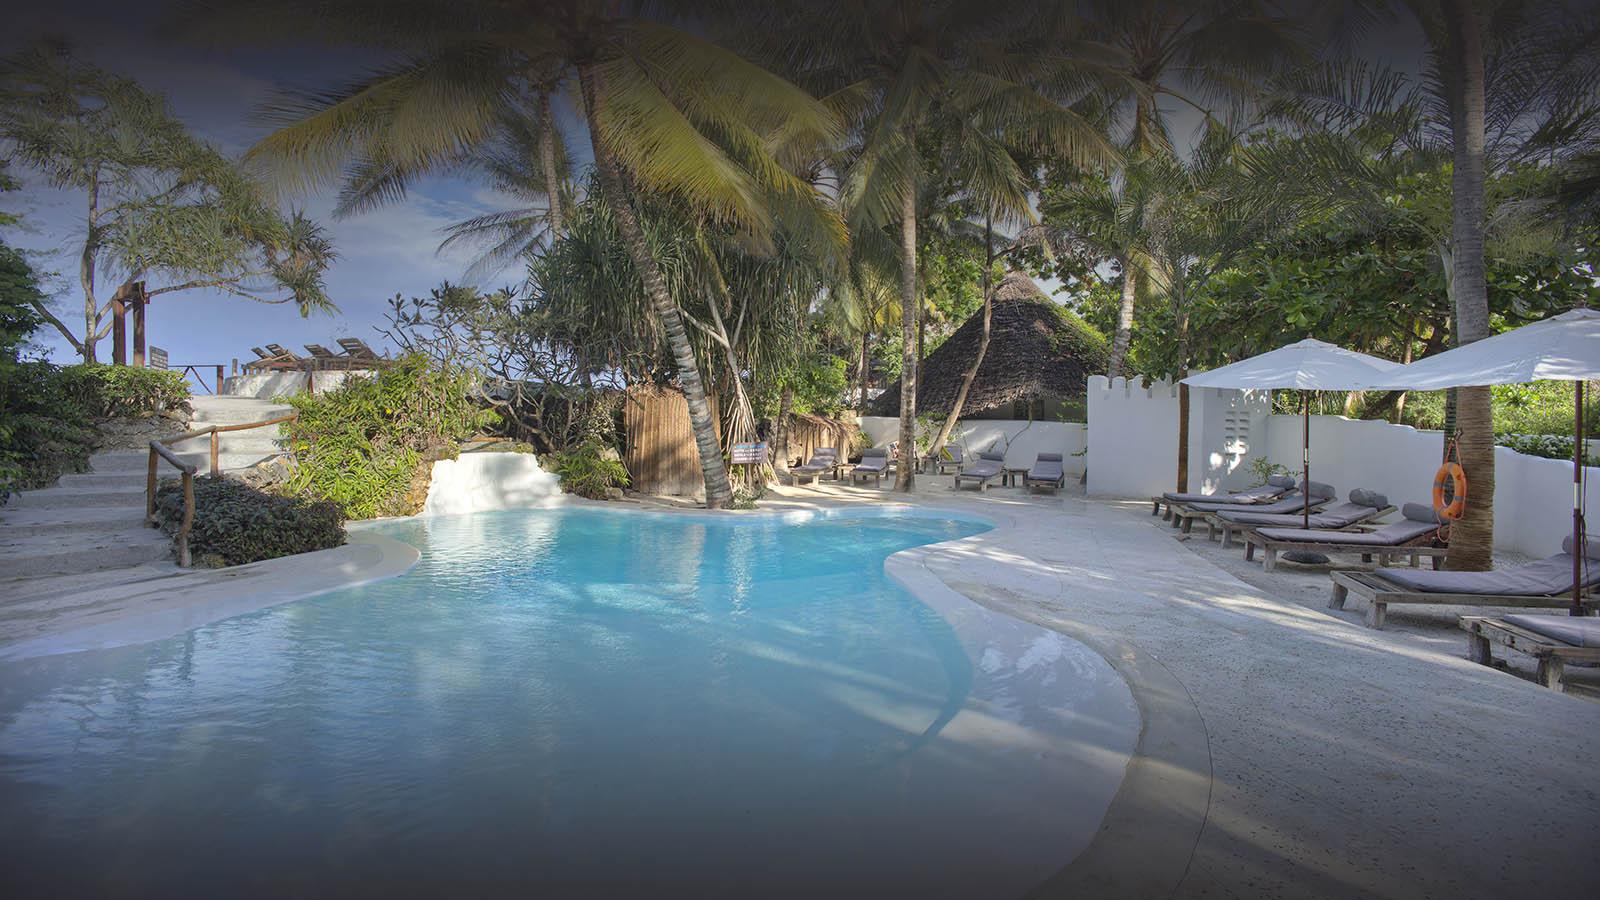 matemwe lodge tanzania-lodges-zanzibar-matemwe-village-zambia-in-style-stunning-retreat-island-vibe-lodge-pool